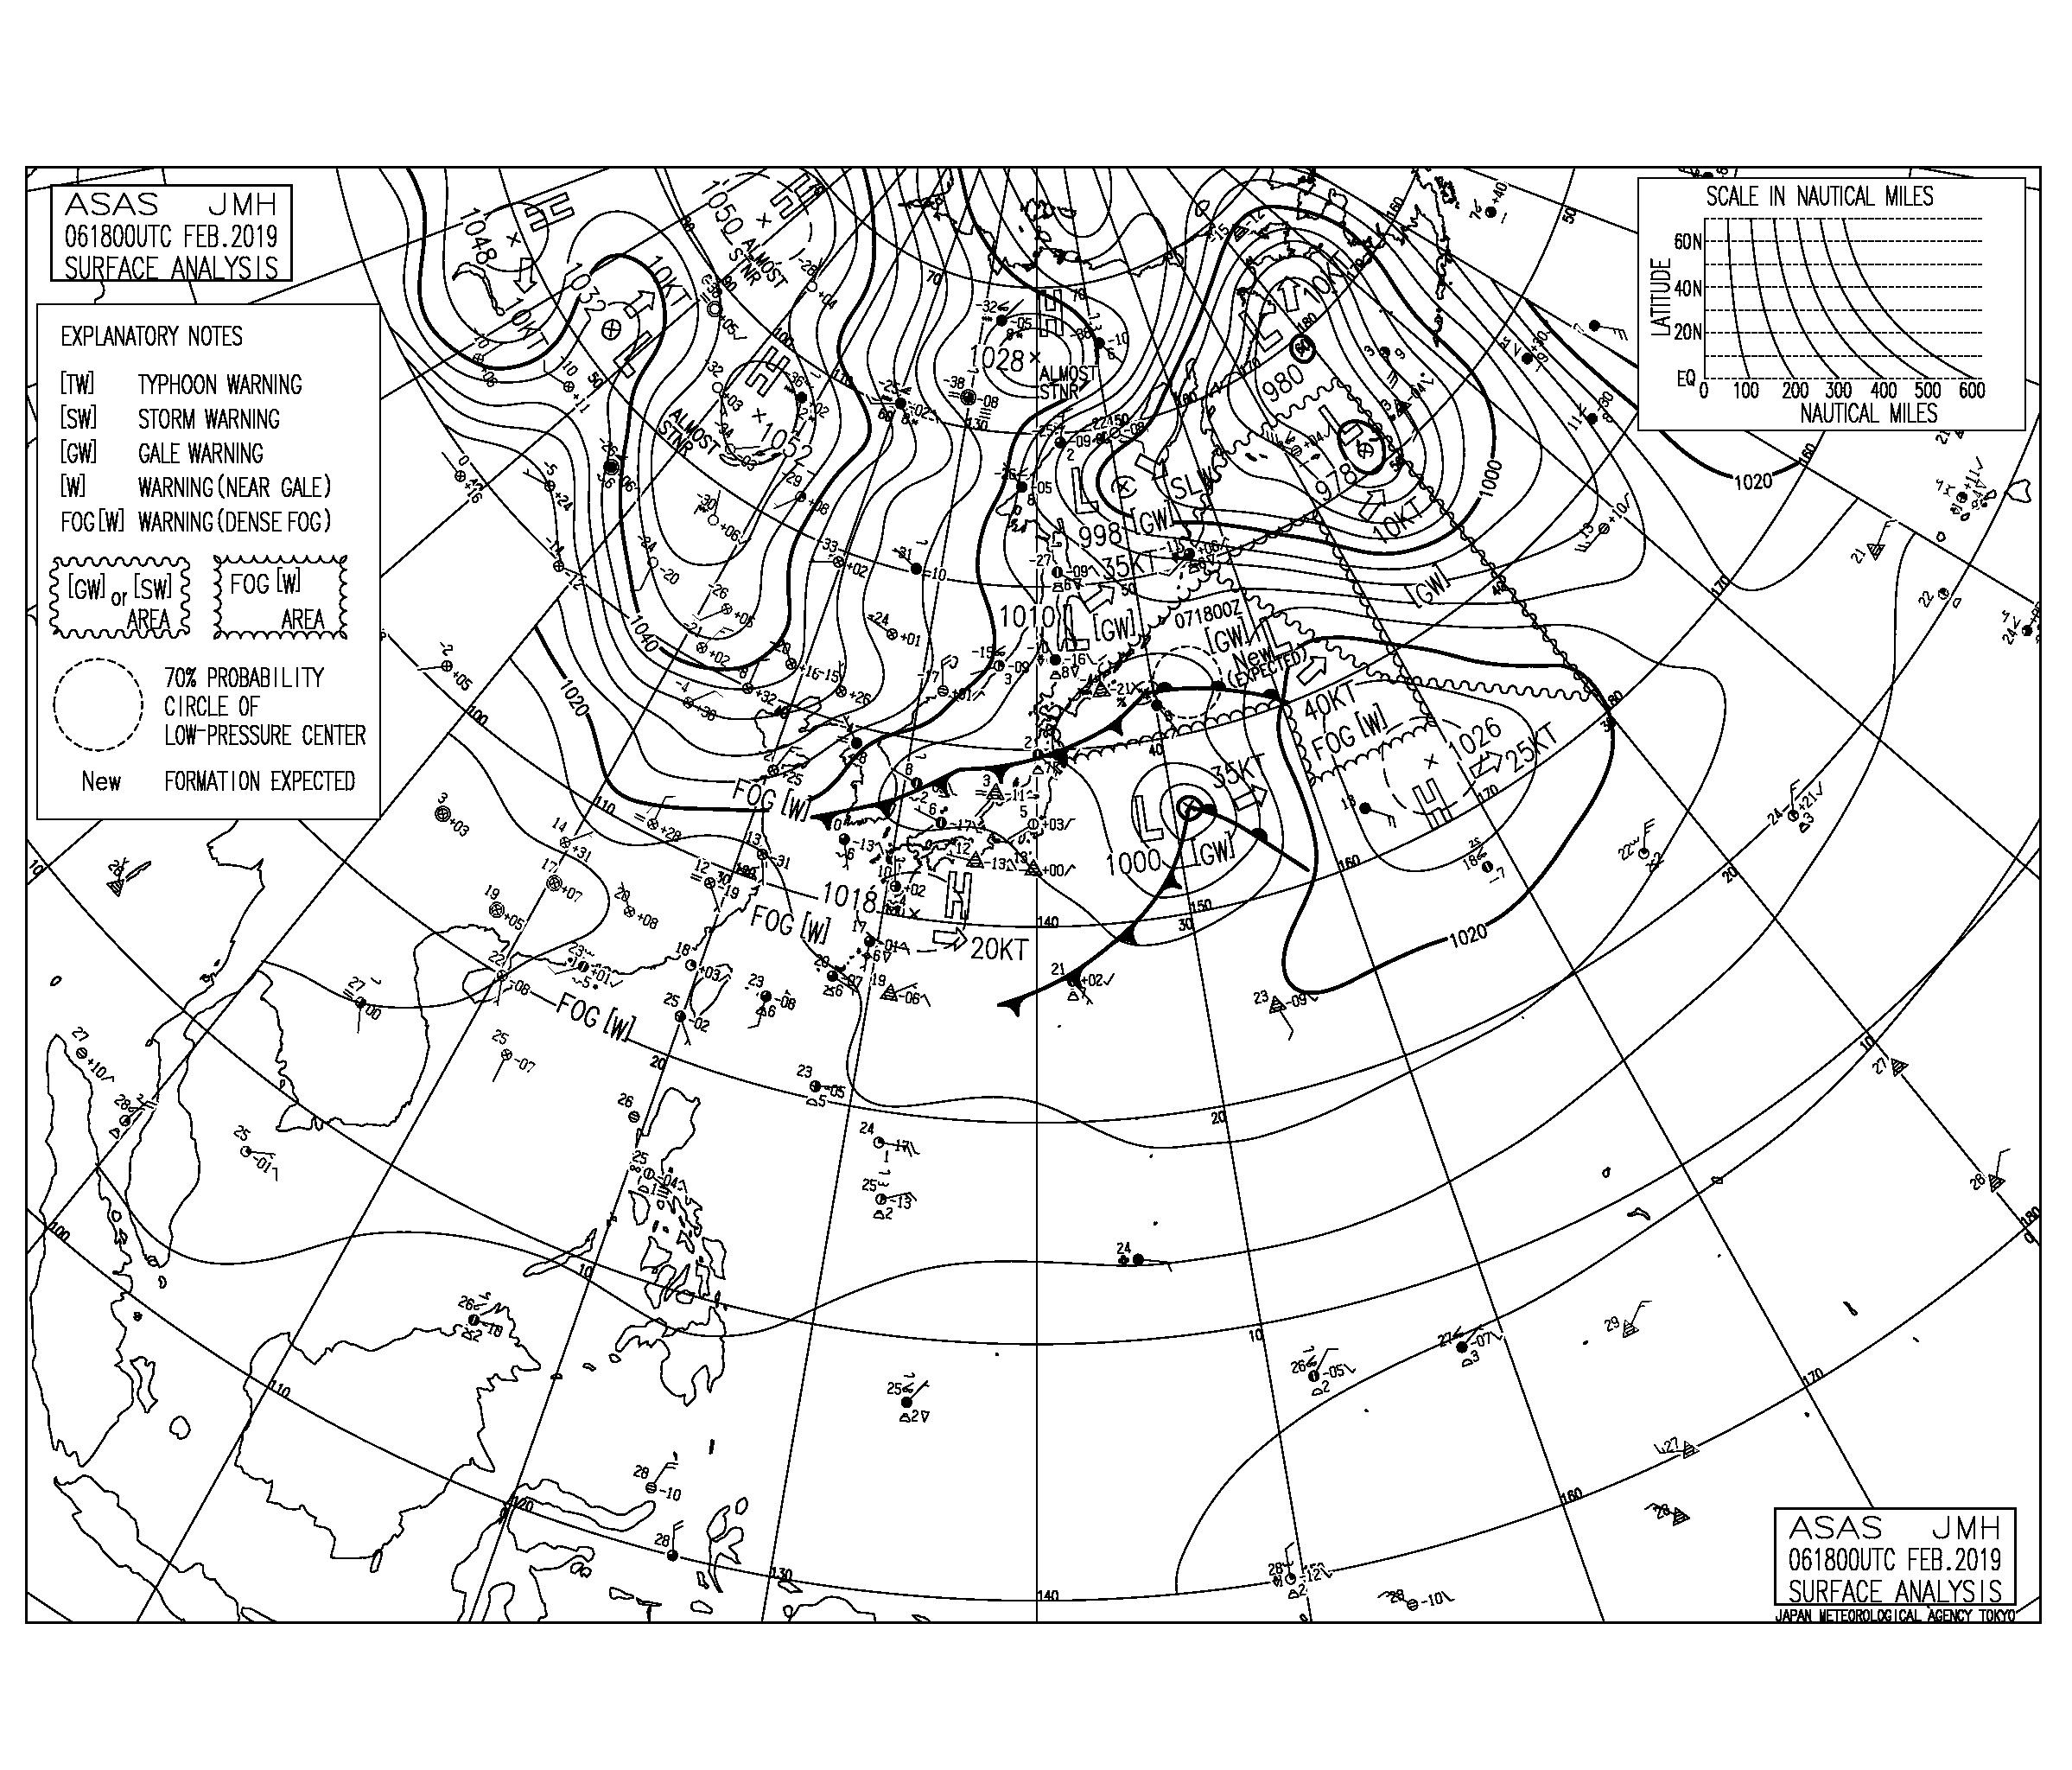 東北以南で春の暖かさも明日からは寒くなる【2019.2.7】